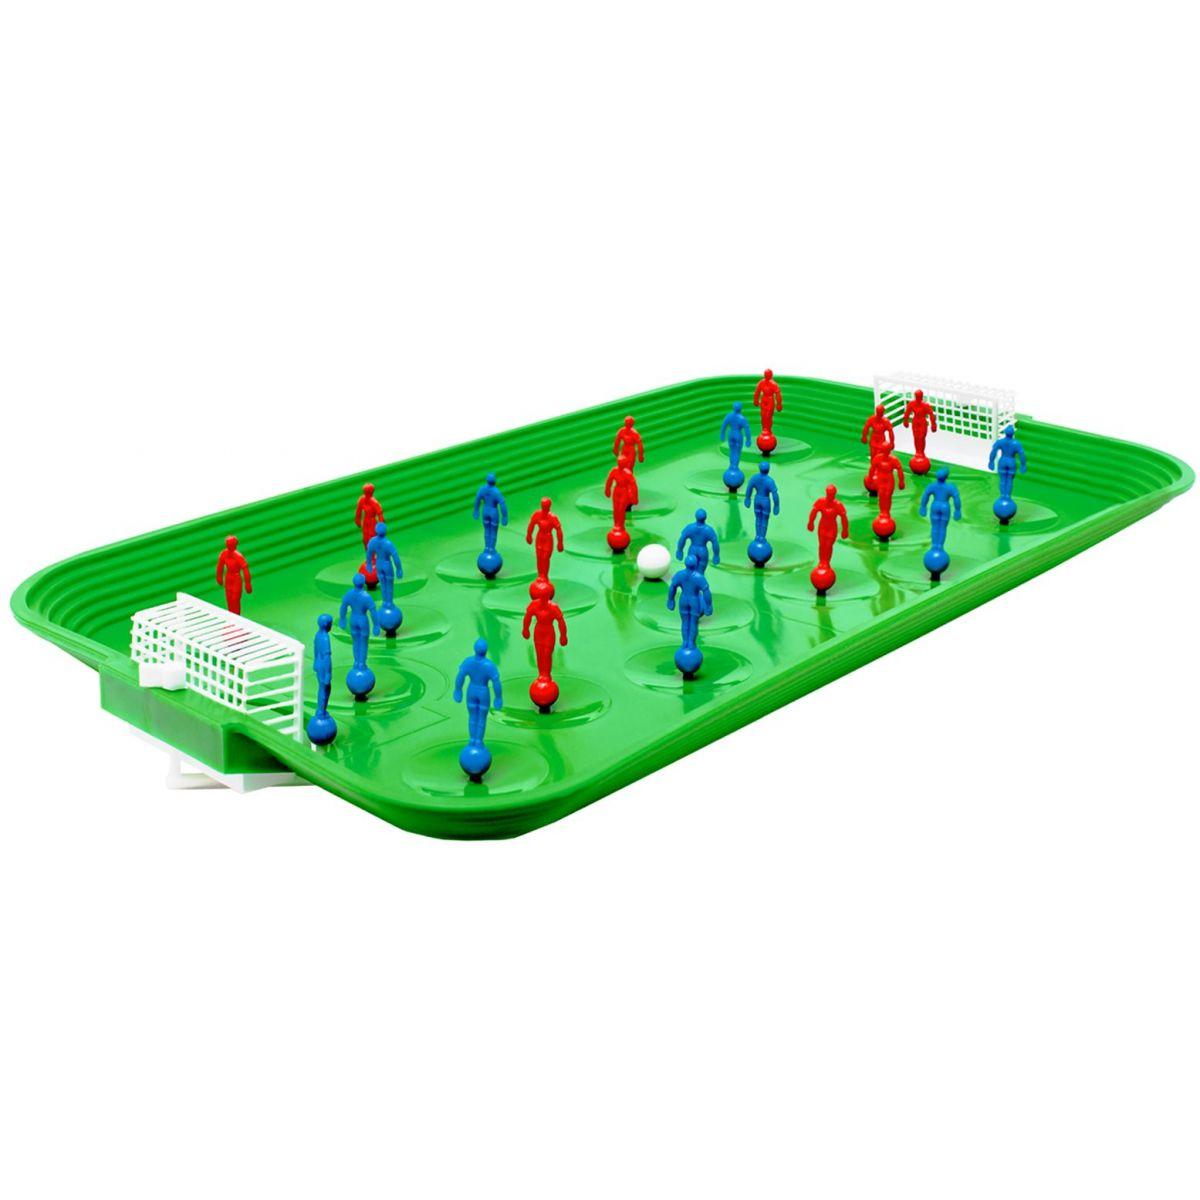 Kopaná-Futbal spoločenská hra